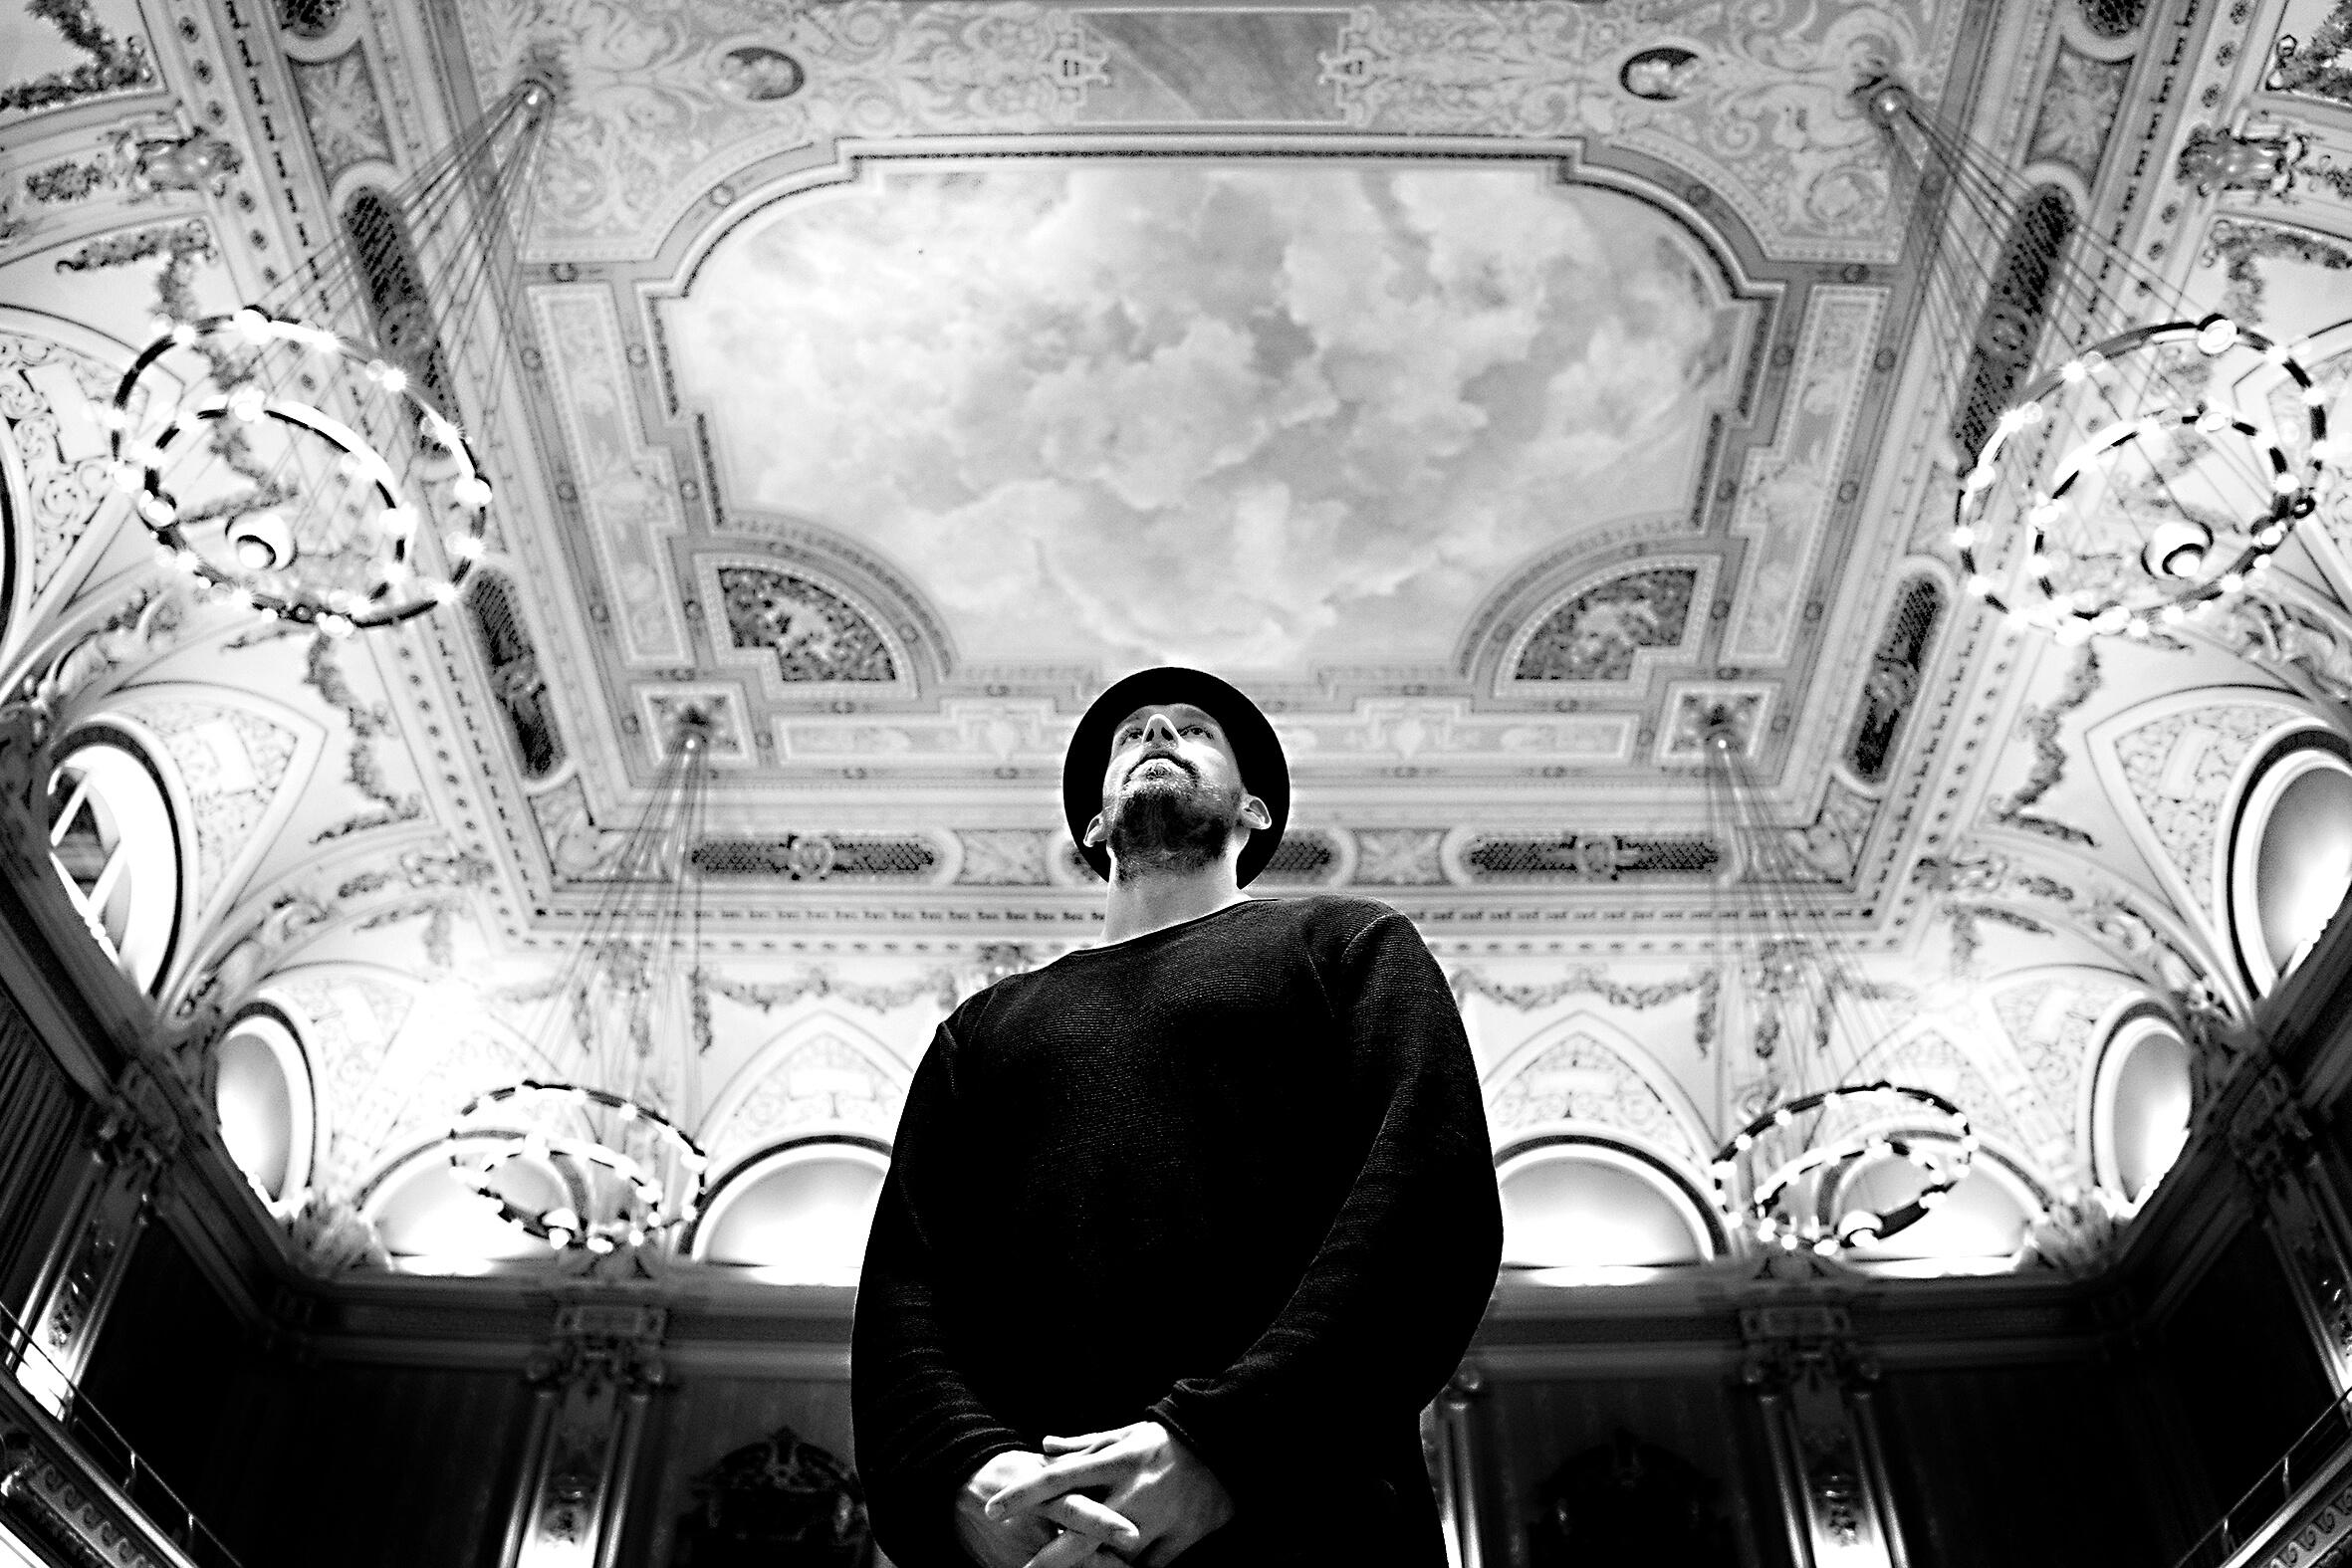 Wuppertal, Stadthalle, schwarz weiß, Männerportrait, Deckenmalerei, sw, Rahn Photography,